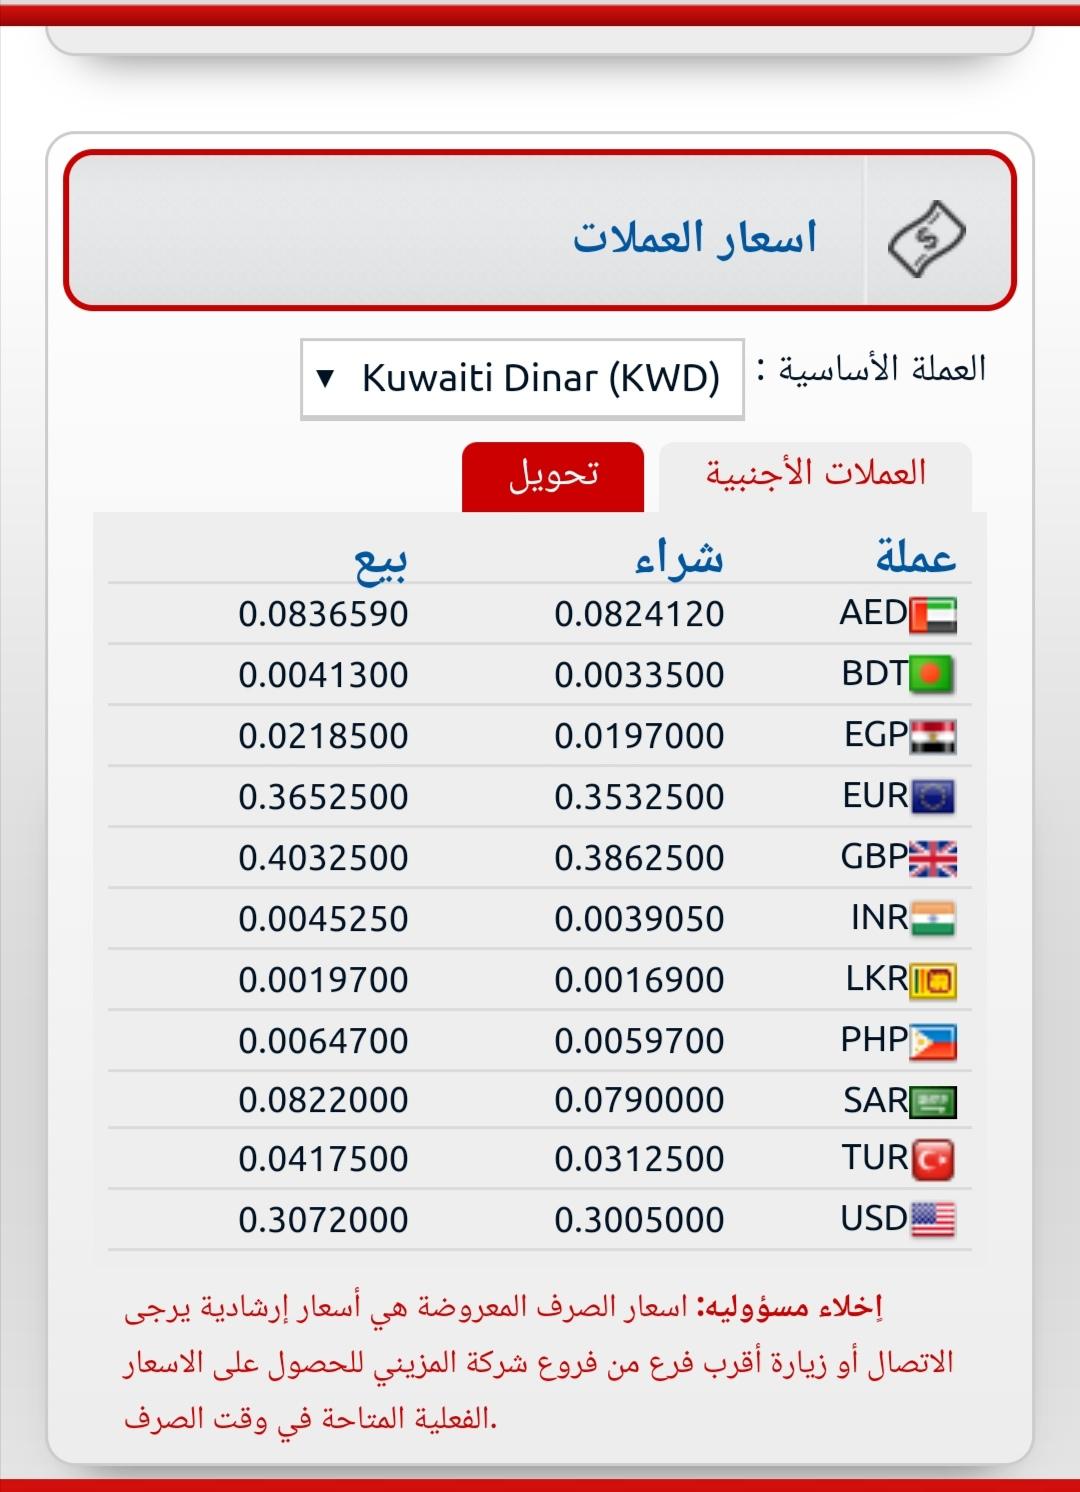 سعر تحويل الالف مصري اليوم المزيني سعر صرف العملات ١٣ أكتوبر